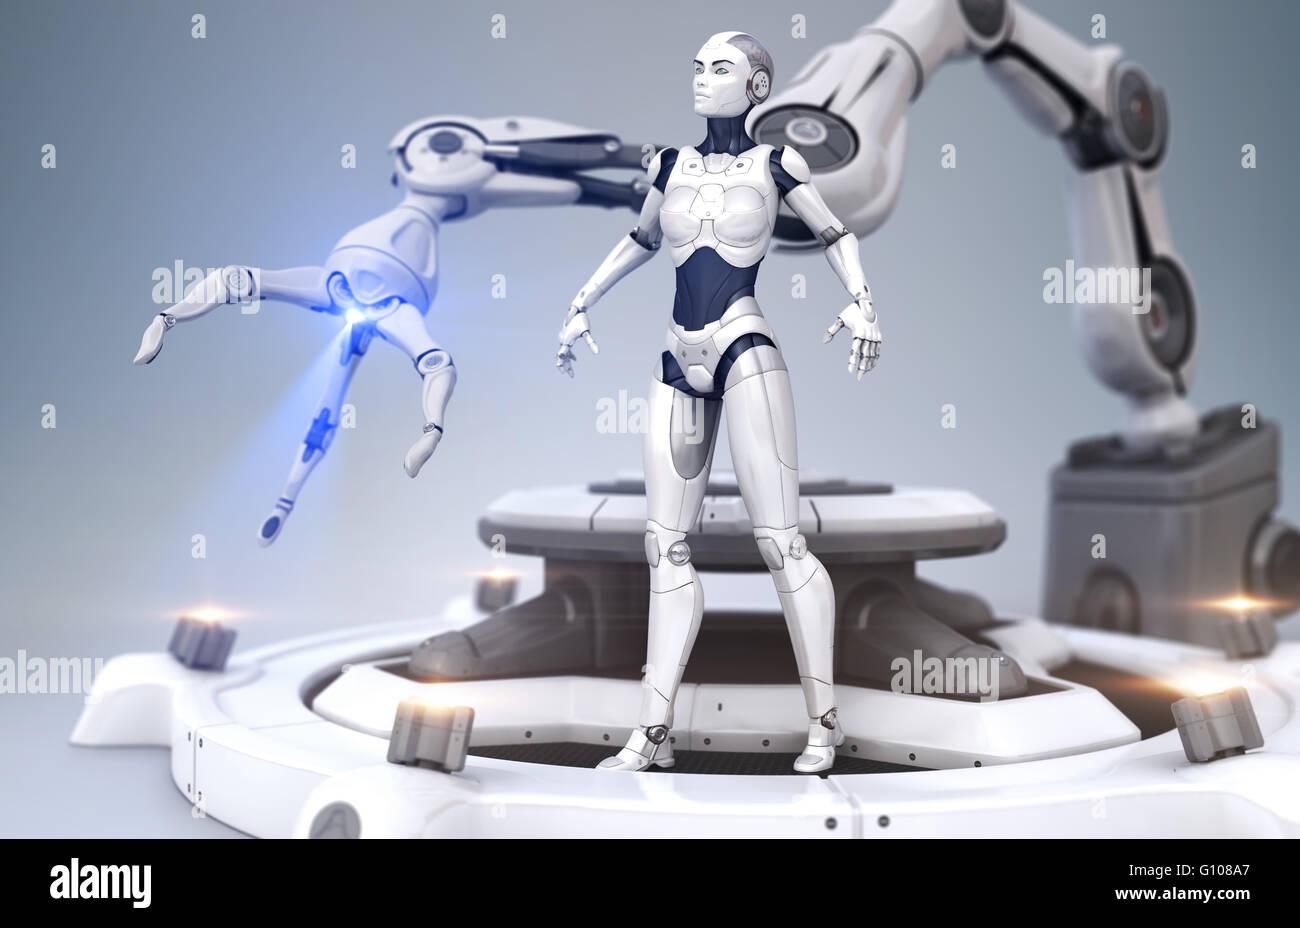 Bras robotique robot et Science-fiction Photo Stock